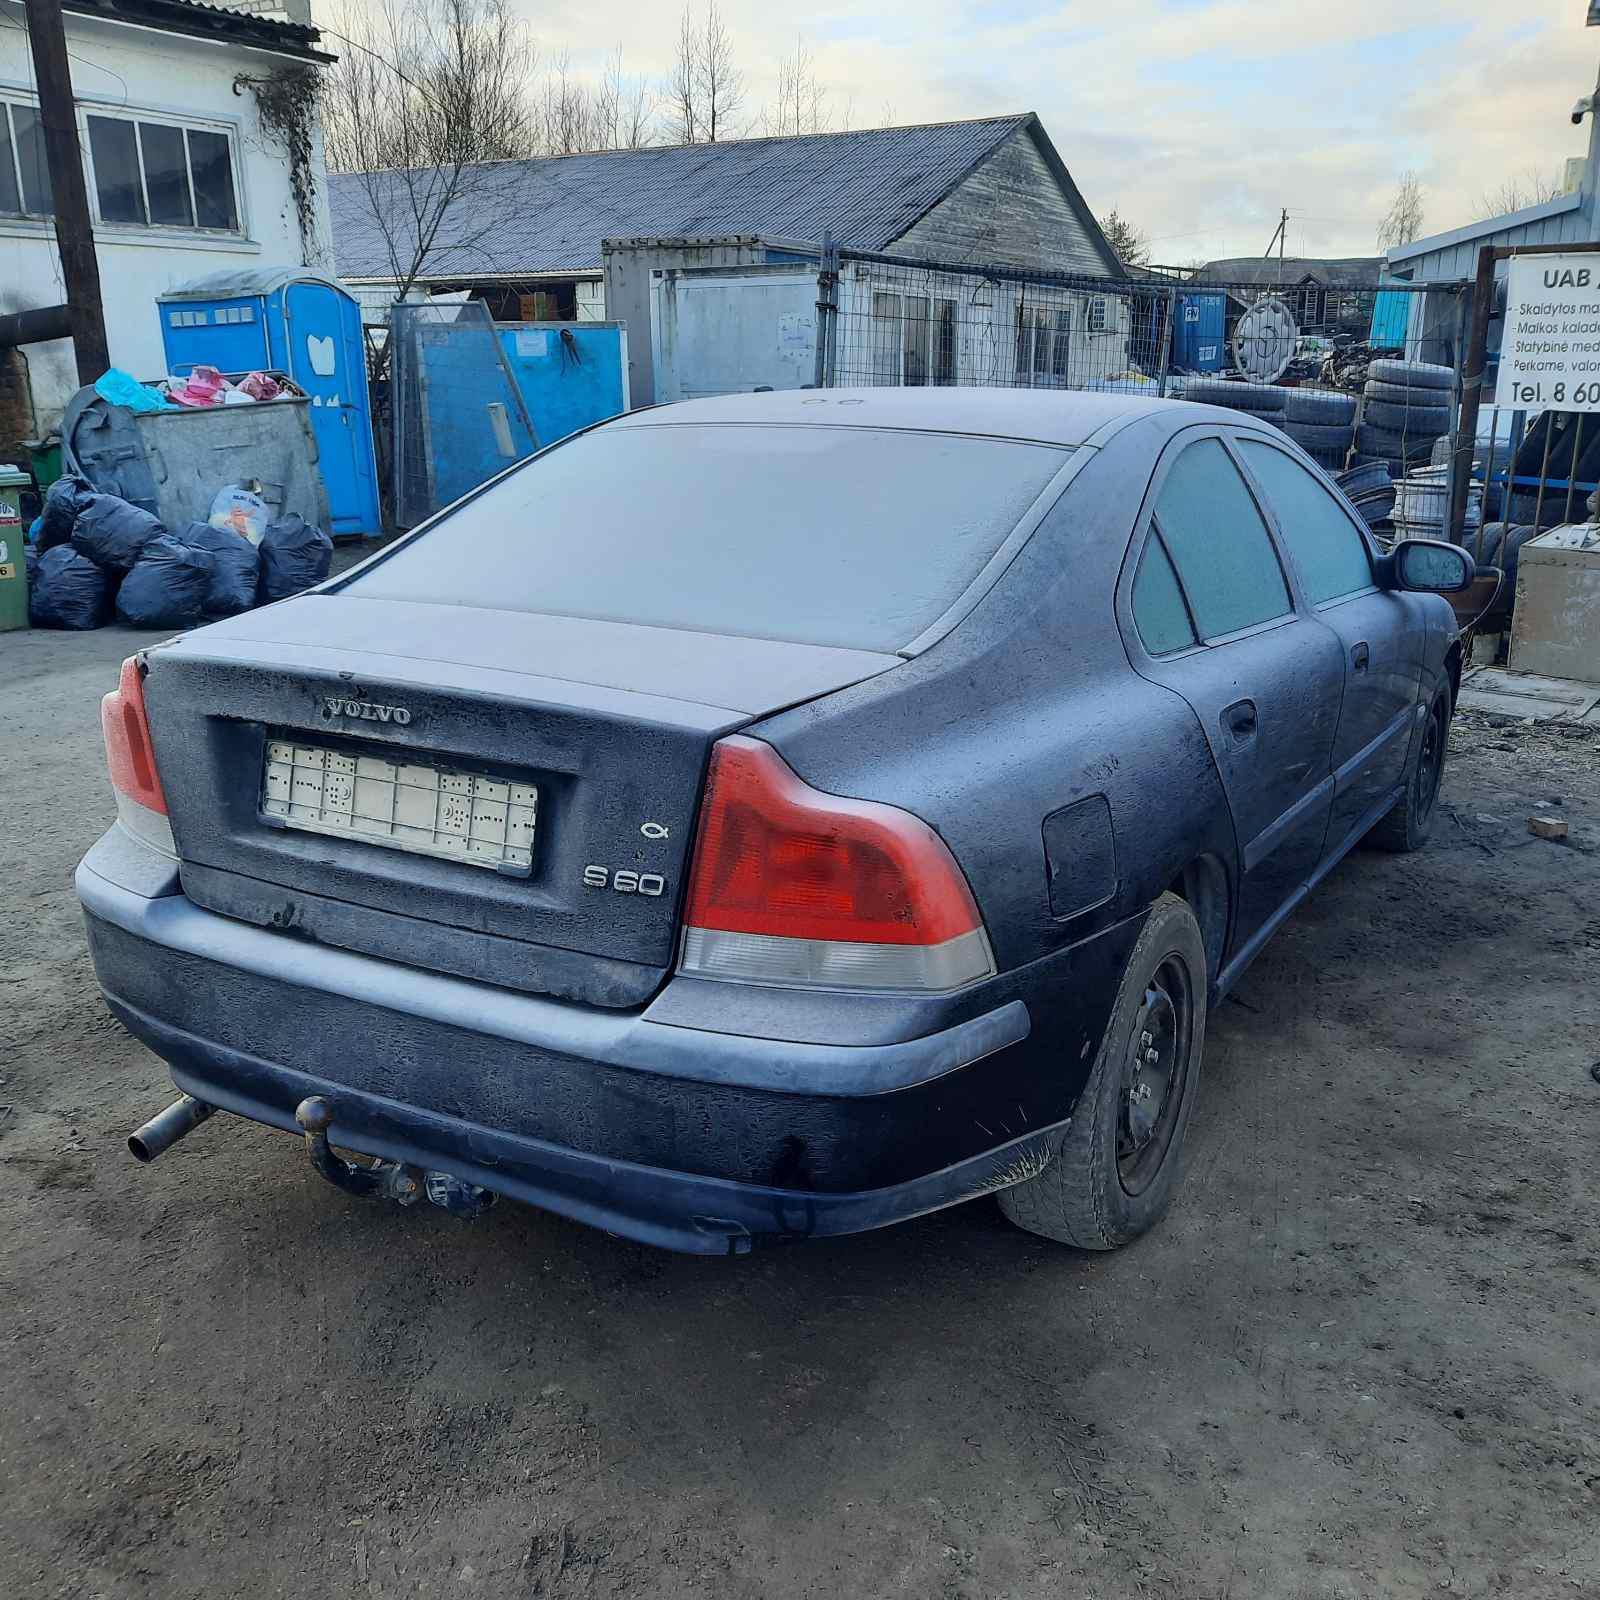 Подержанные Автозапчасти Volvo S60 2002 2.4 машиностроение седан 4/5 d. черный 2021-3-05